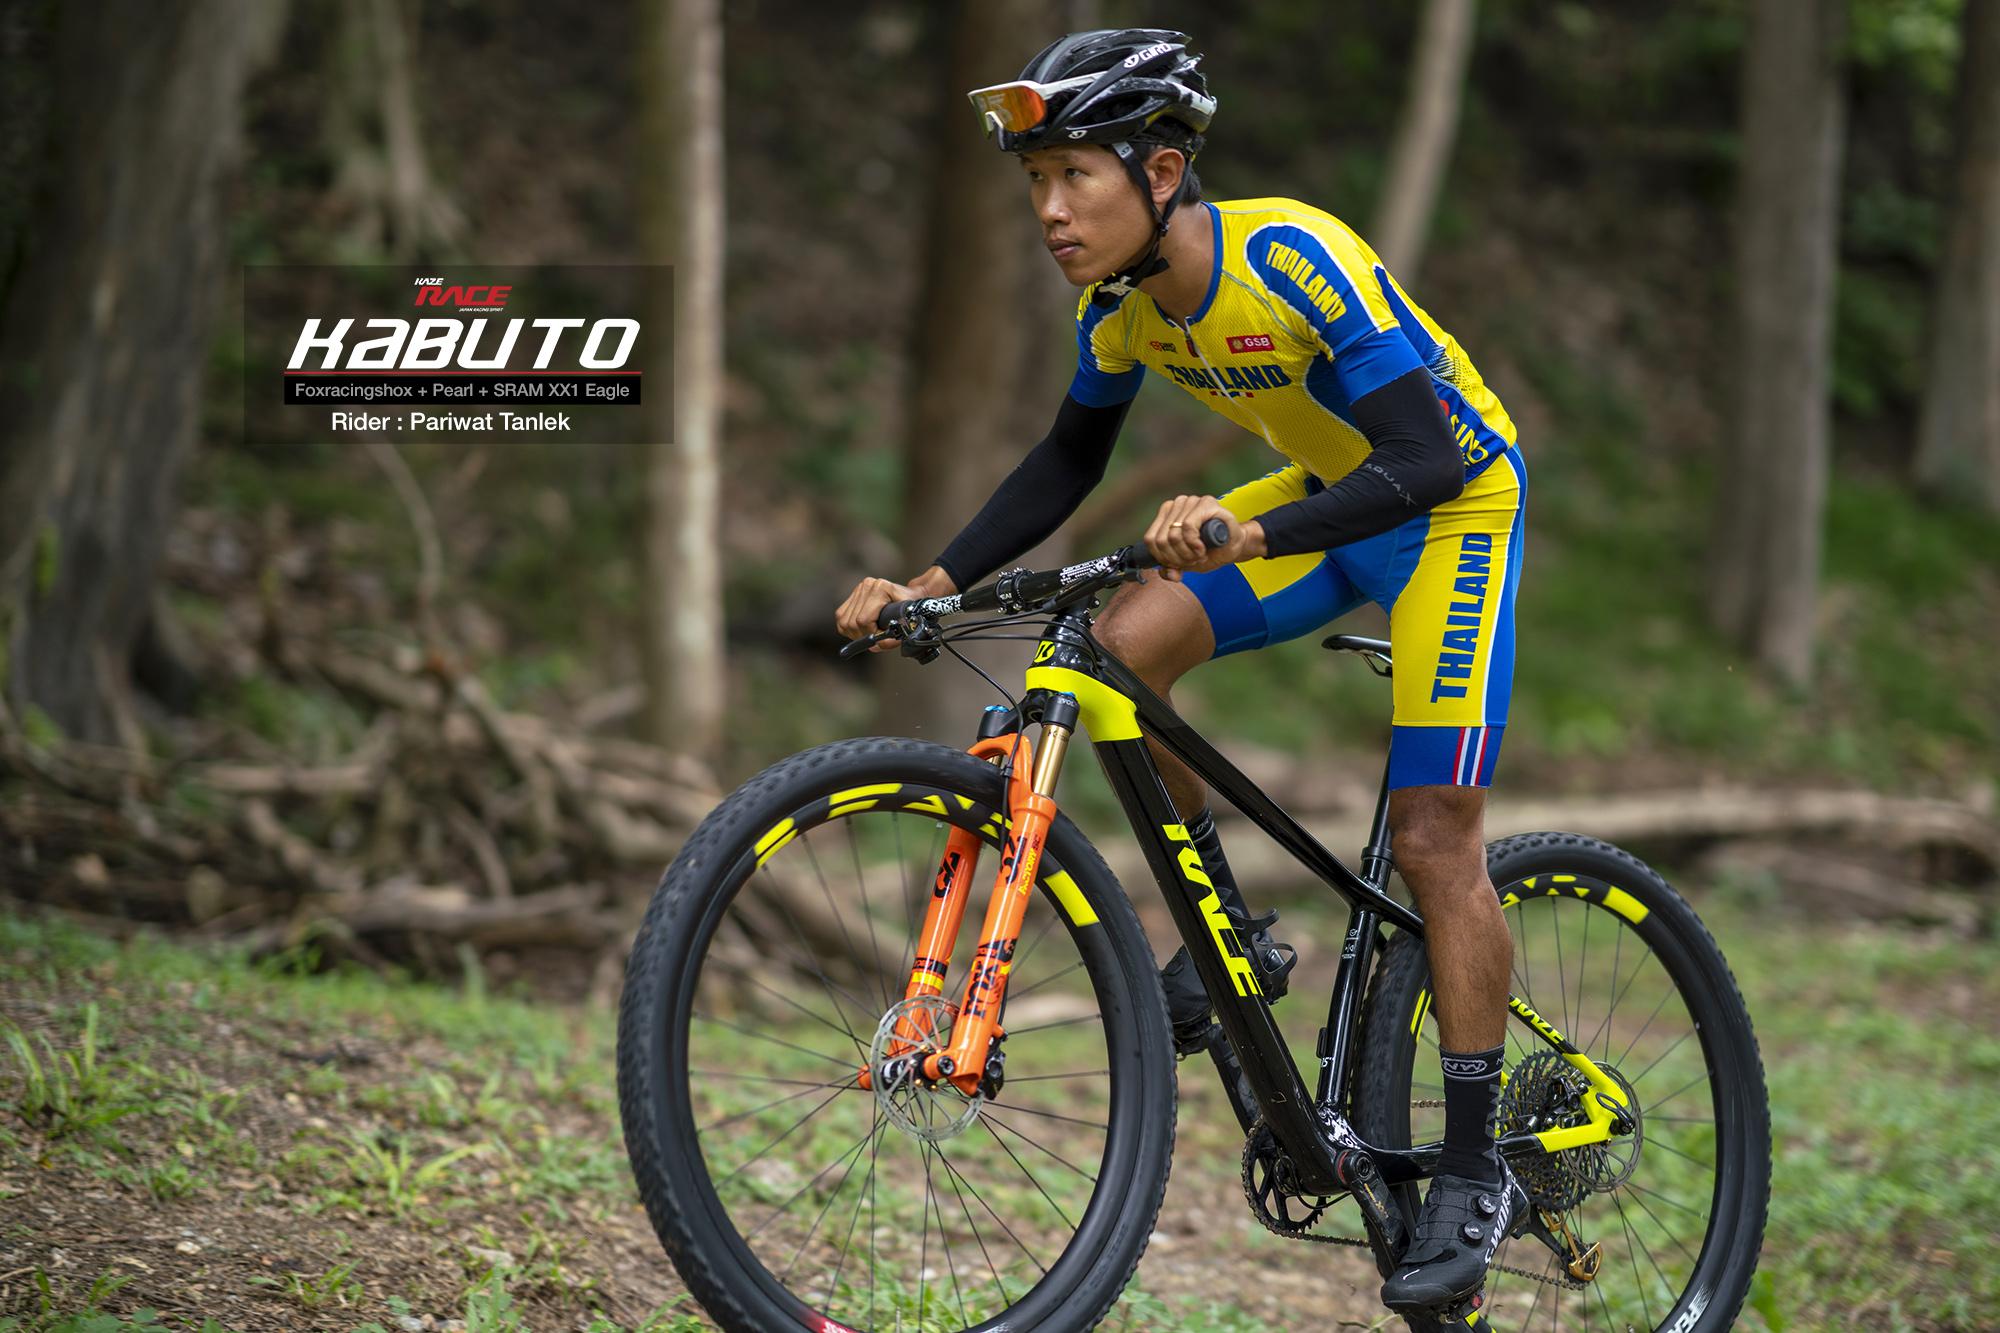 KAZE RACE | KABUTO 29er (Pariwat Tanlek)